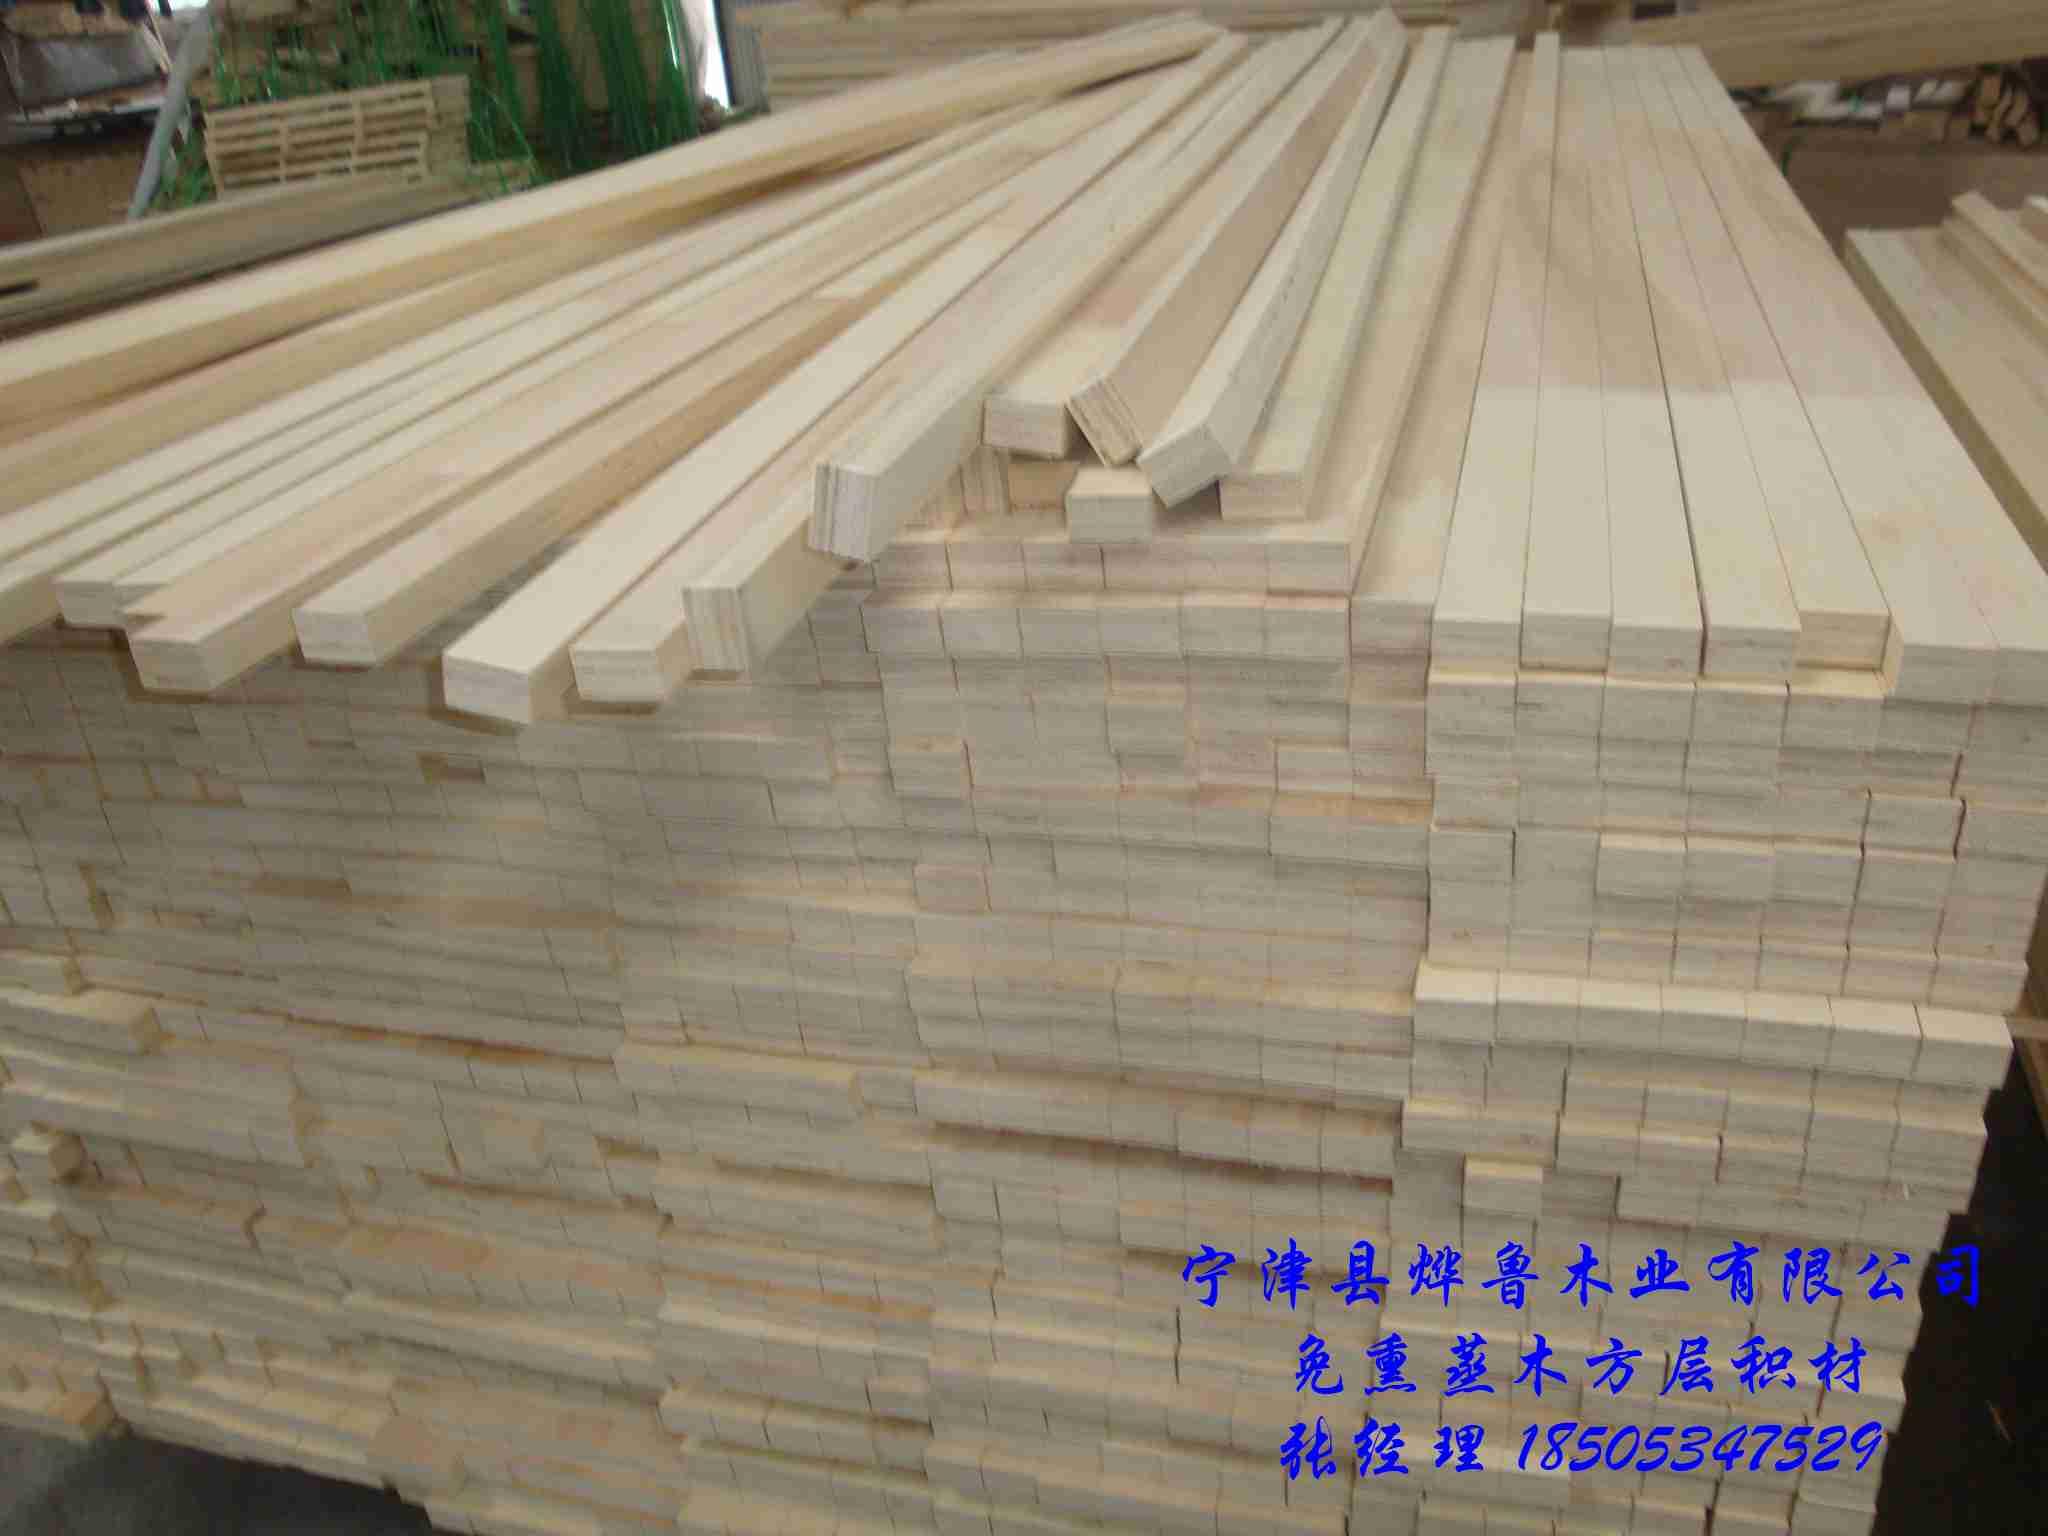 济南LVL厂家免熏蒸木方顺向板各规格型号